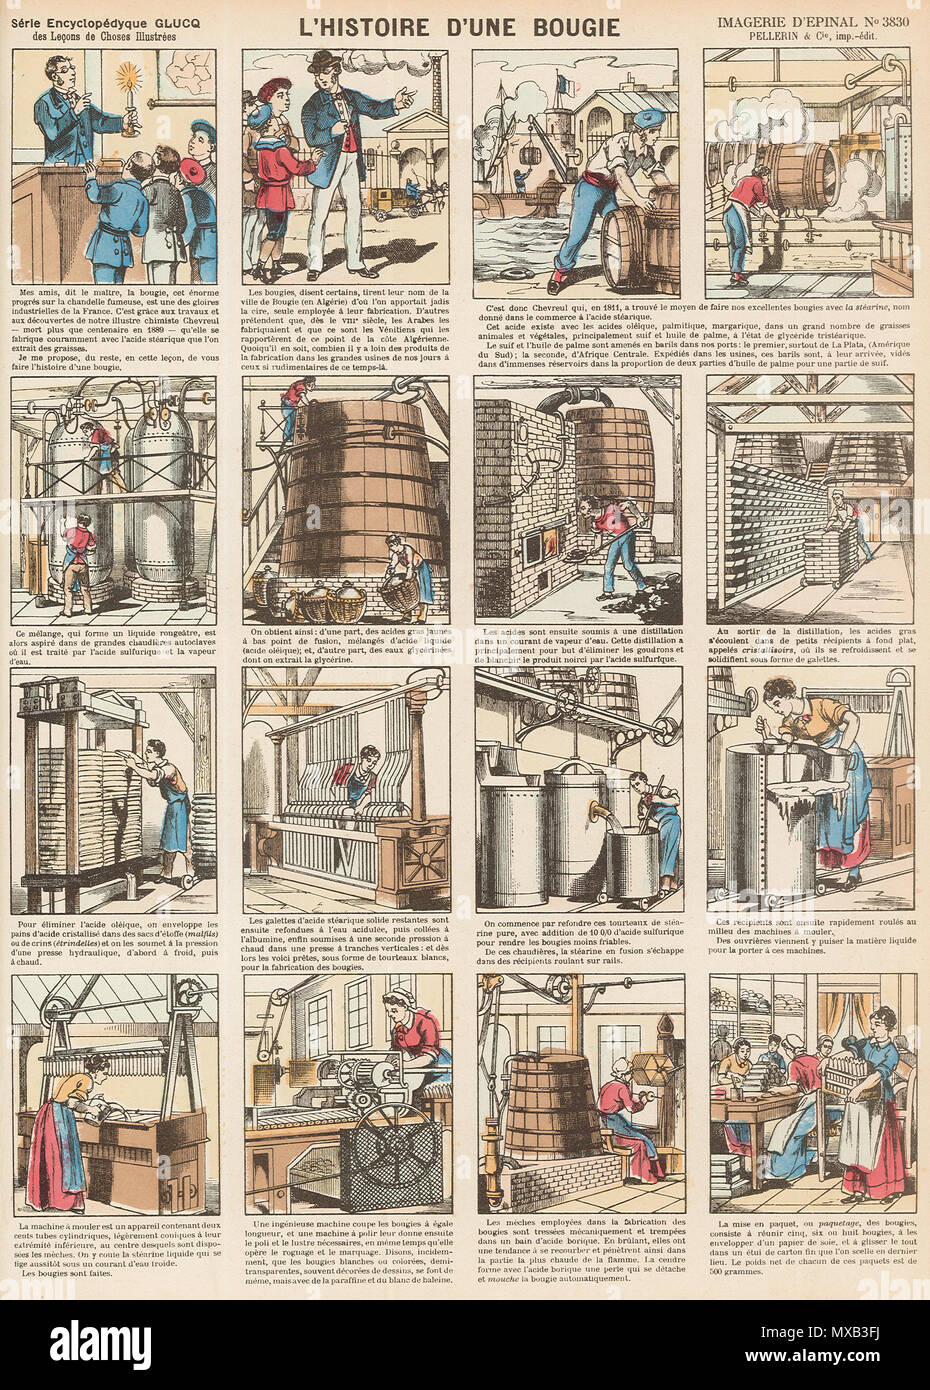 295 Imagerie d'Épinal n°3830 - l'histoire d'une bougie Stock Photo